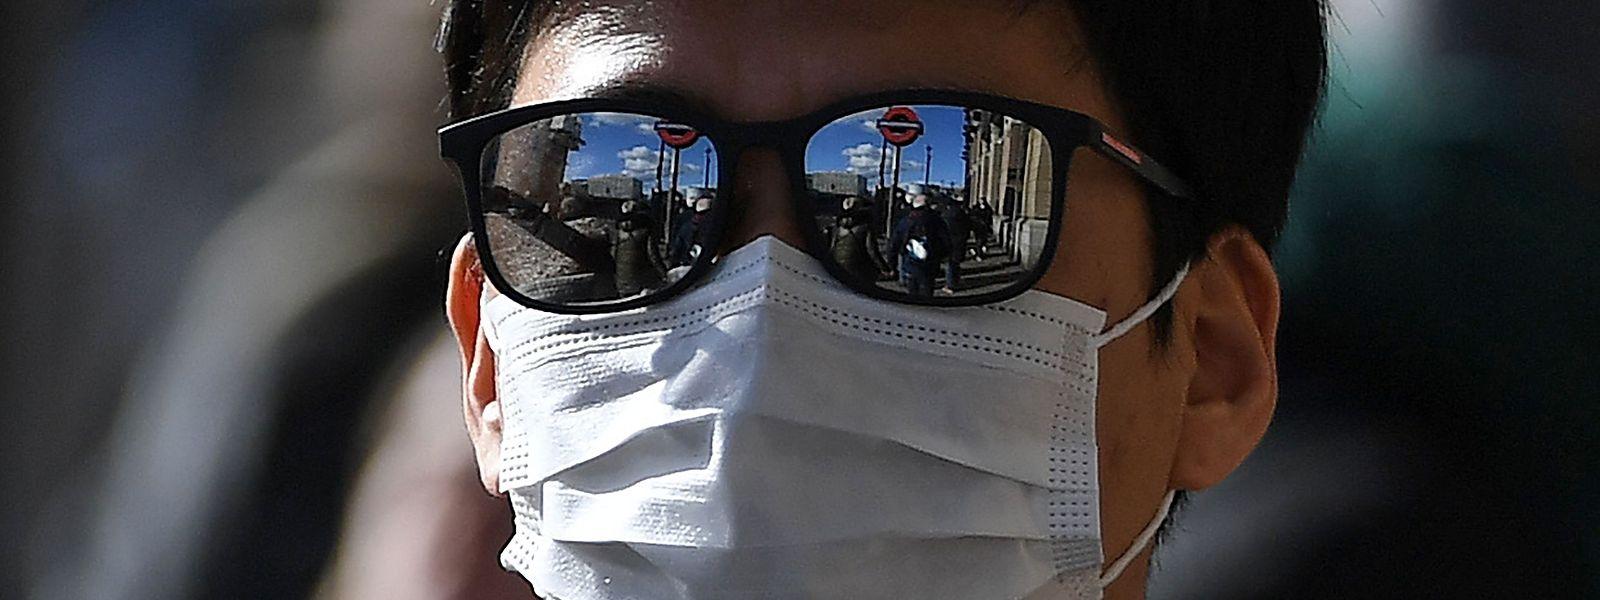 Maske in der Öffentlichkeit: in Luxemburg zurzeit eine Empfehlung, keine Pflicht.